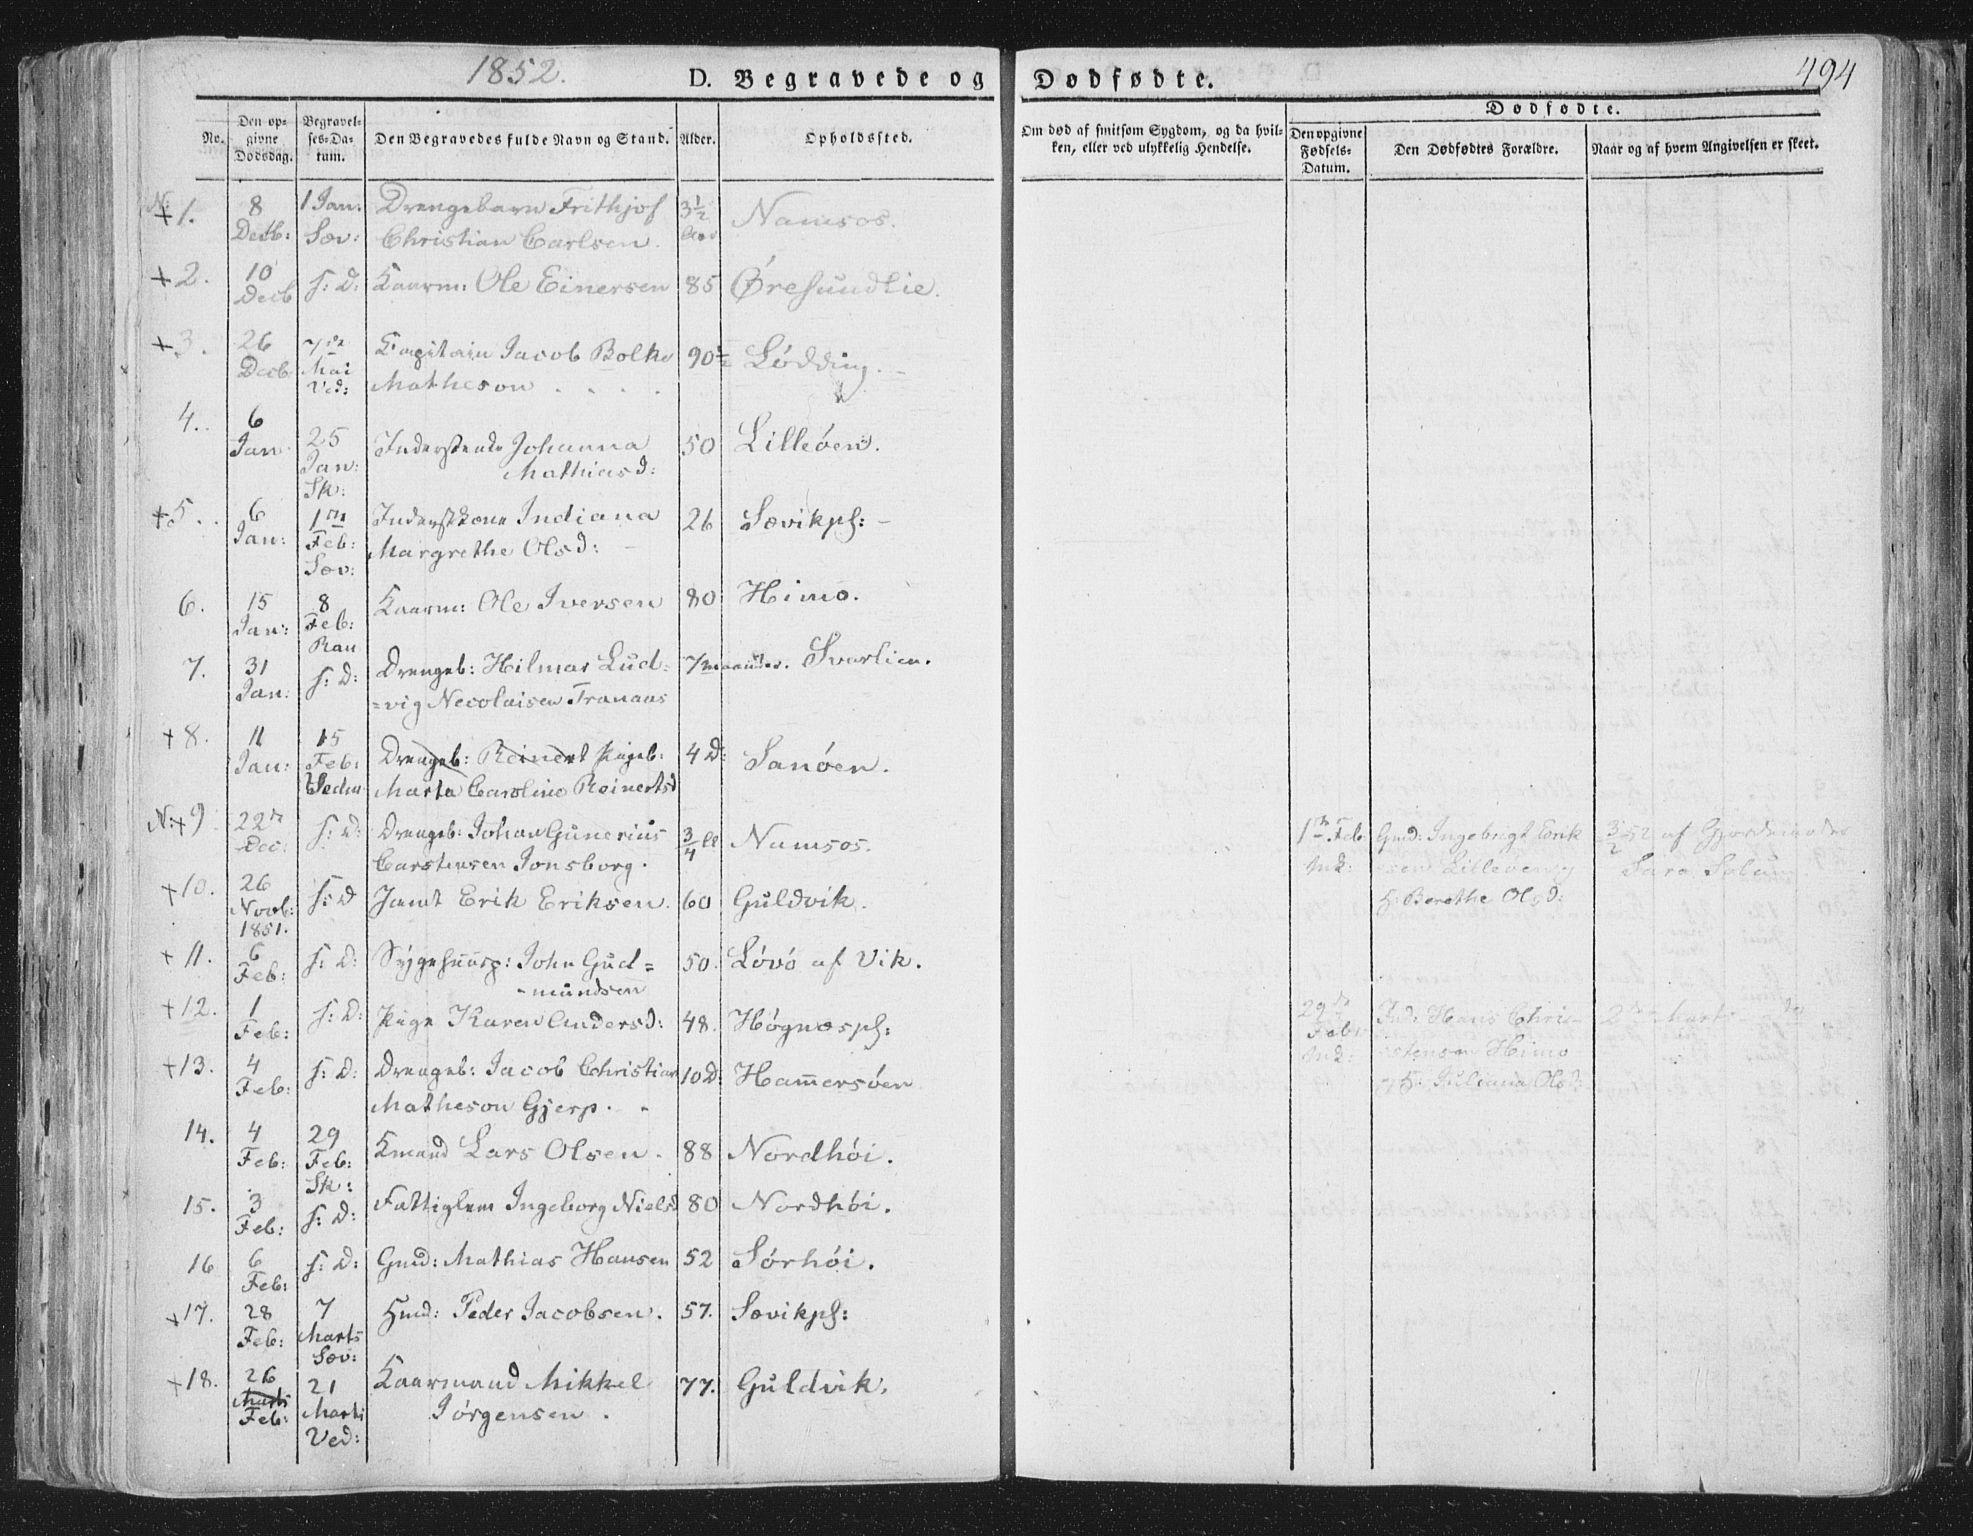 SAT, Ministerialprotokoller, klokkerbøker og fødselsregistre - Nord-Trøndelag, 764/L0552: Ministerialbok nr. 764A07b, 1824-1865, s. 494